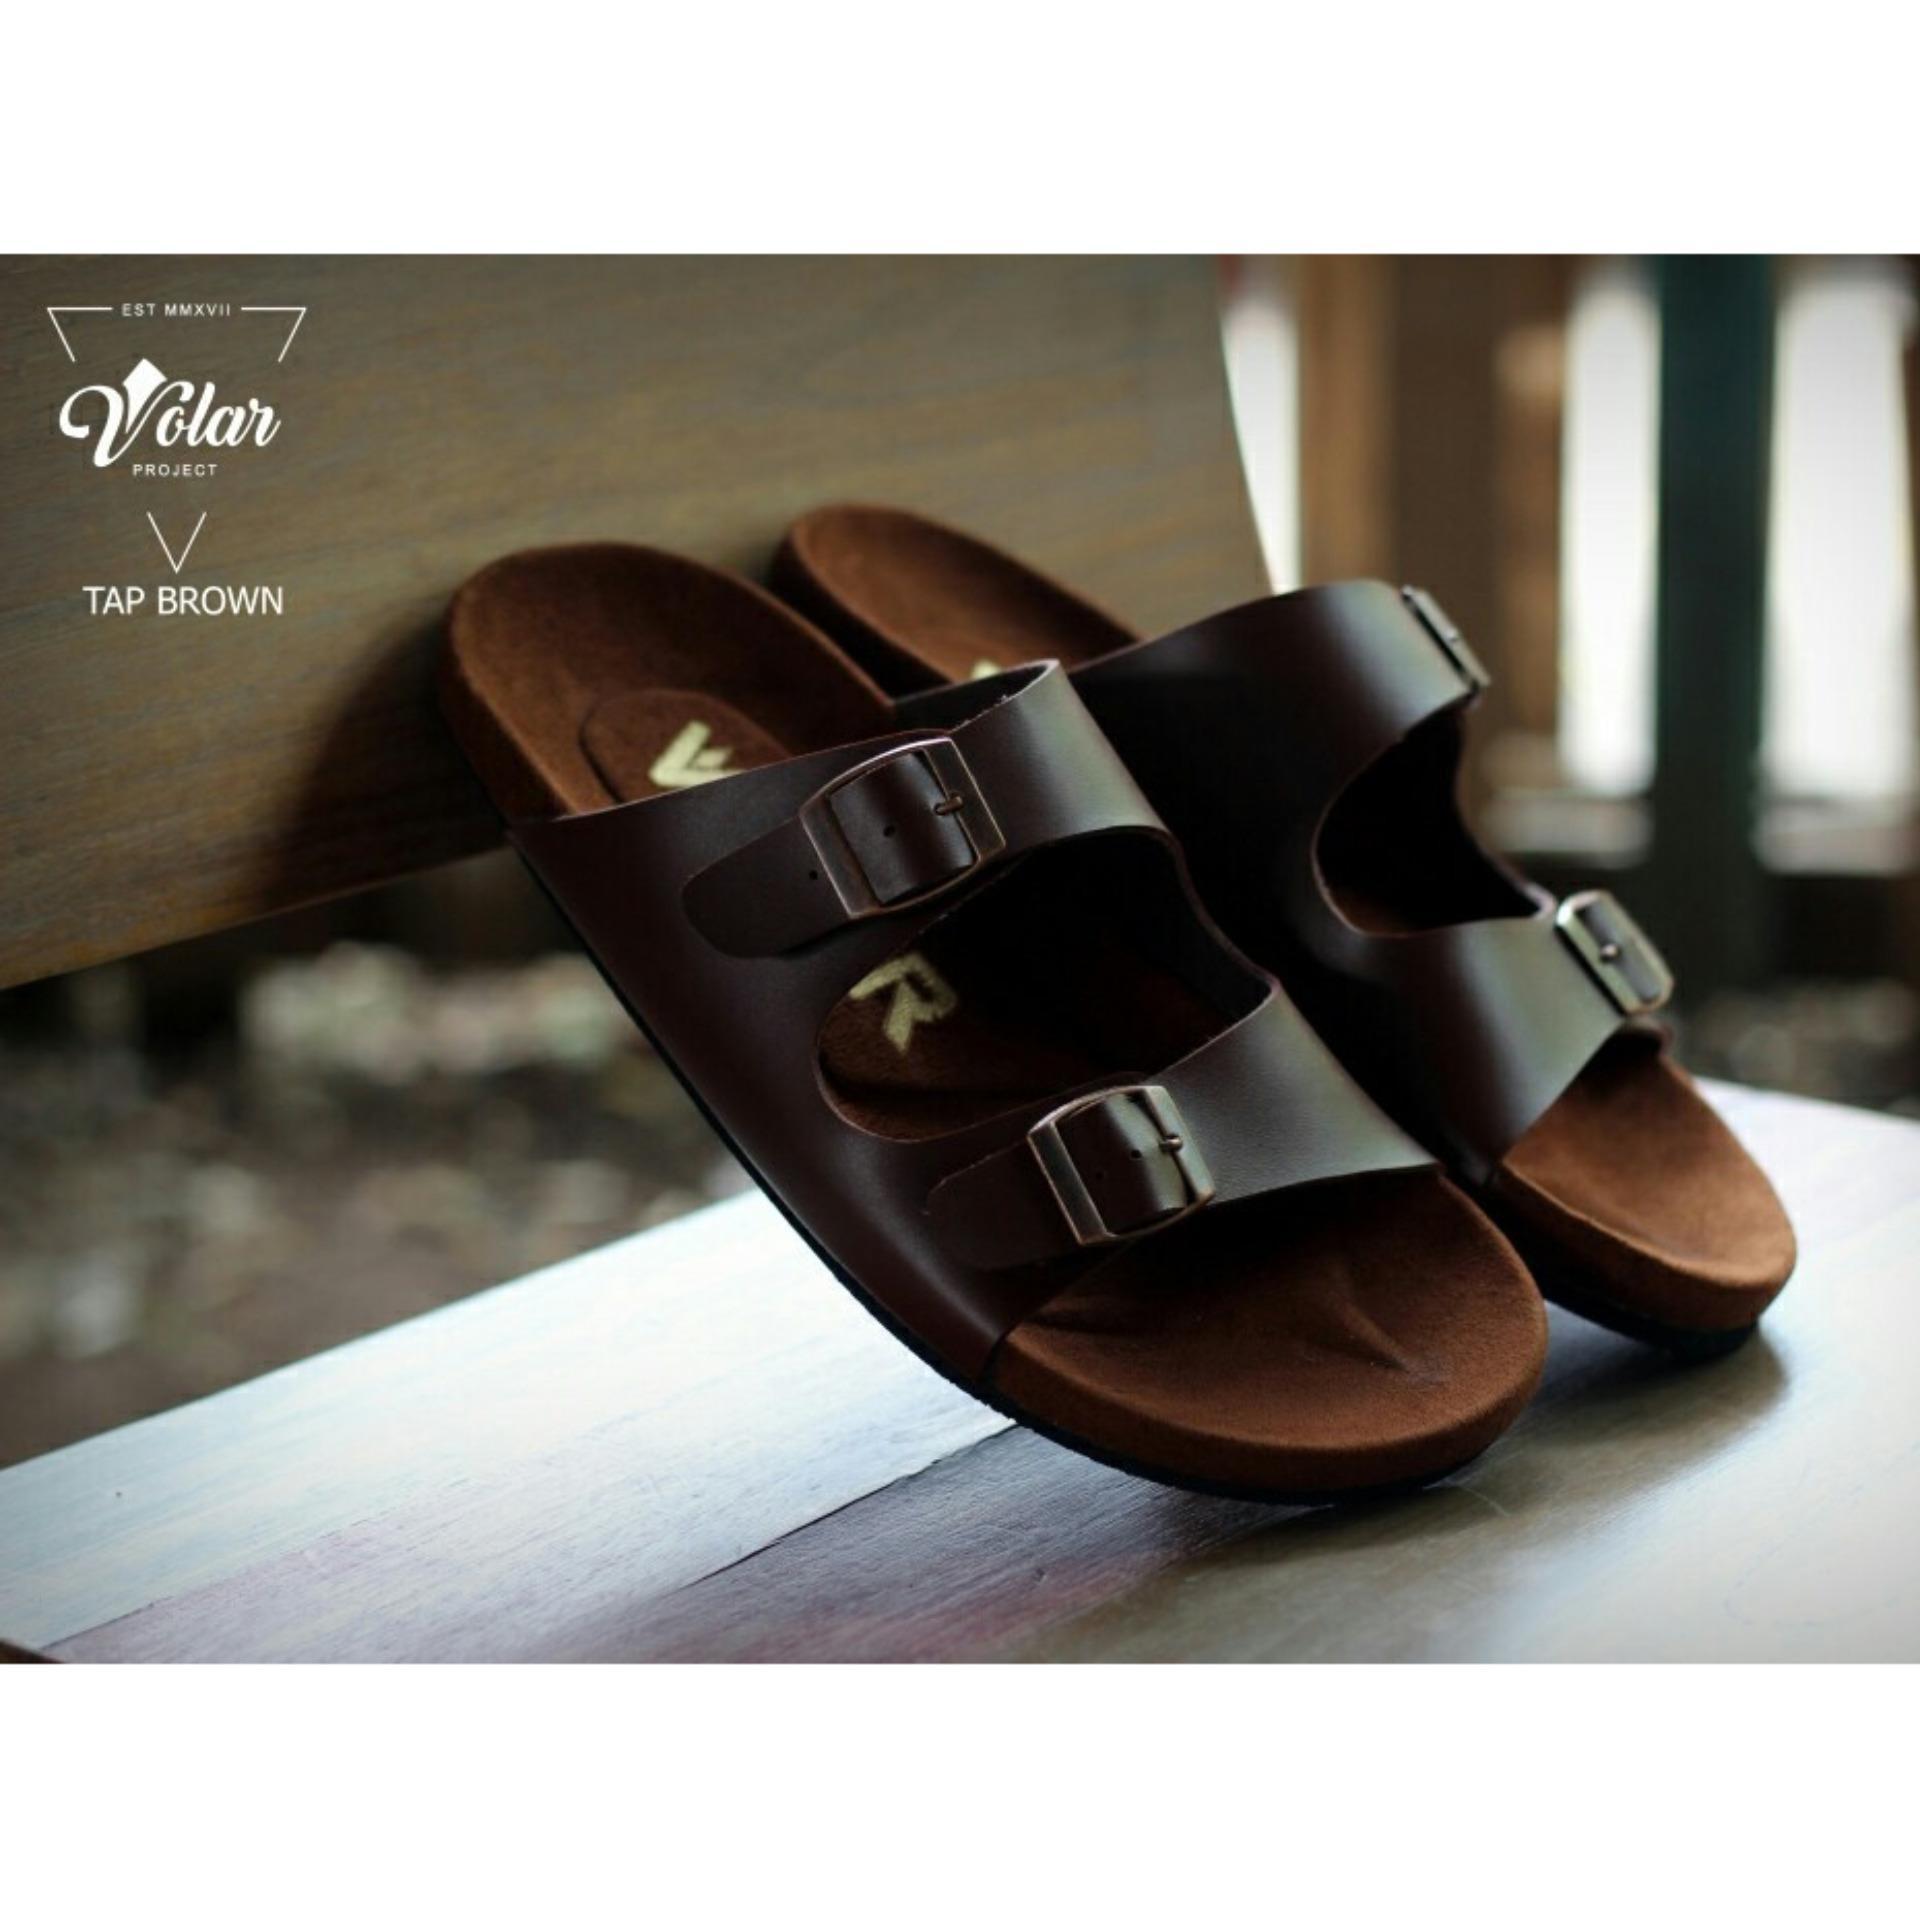 41296d7693dd27 Men s Slippers Male Sandals Crocs Beach Sandals Breathable Nest Men Shoes  Hole Mesh Sandals - intl